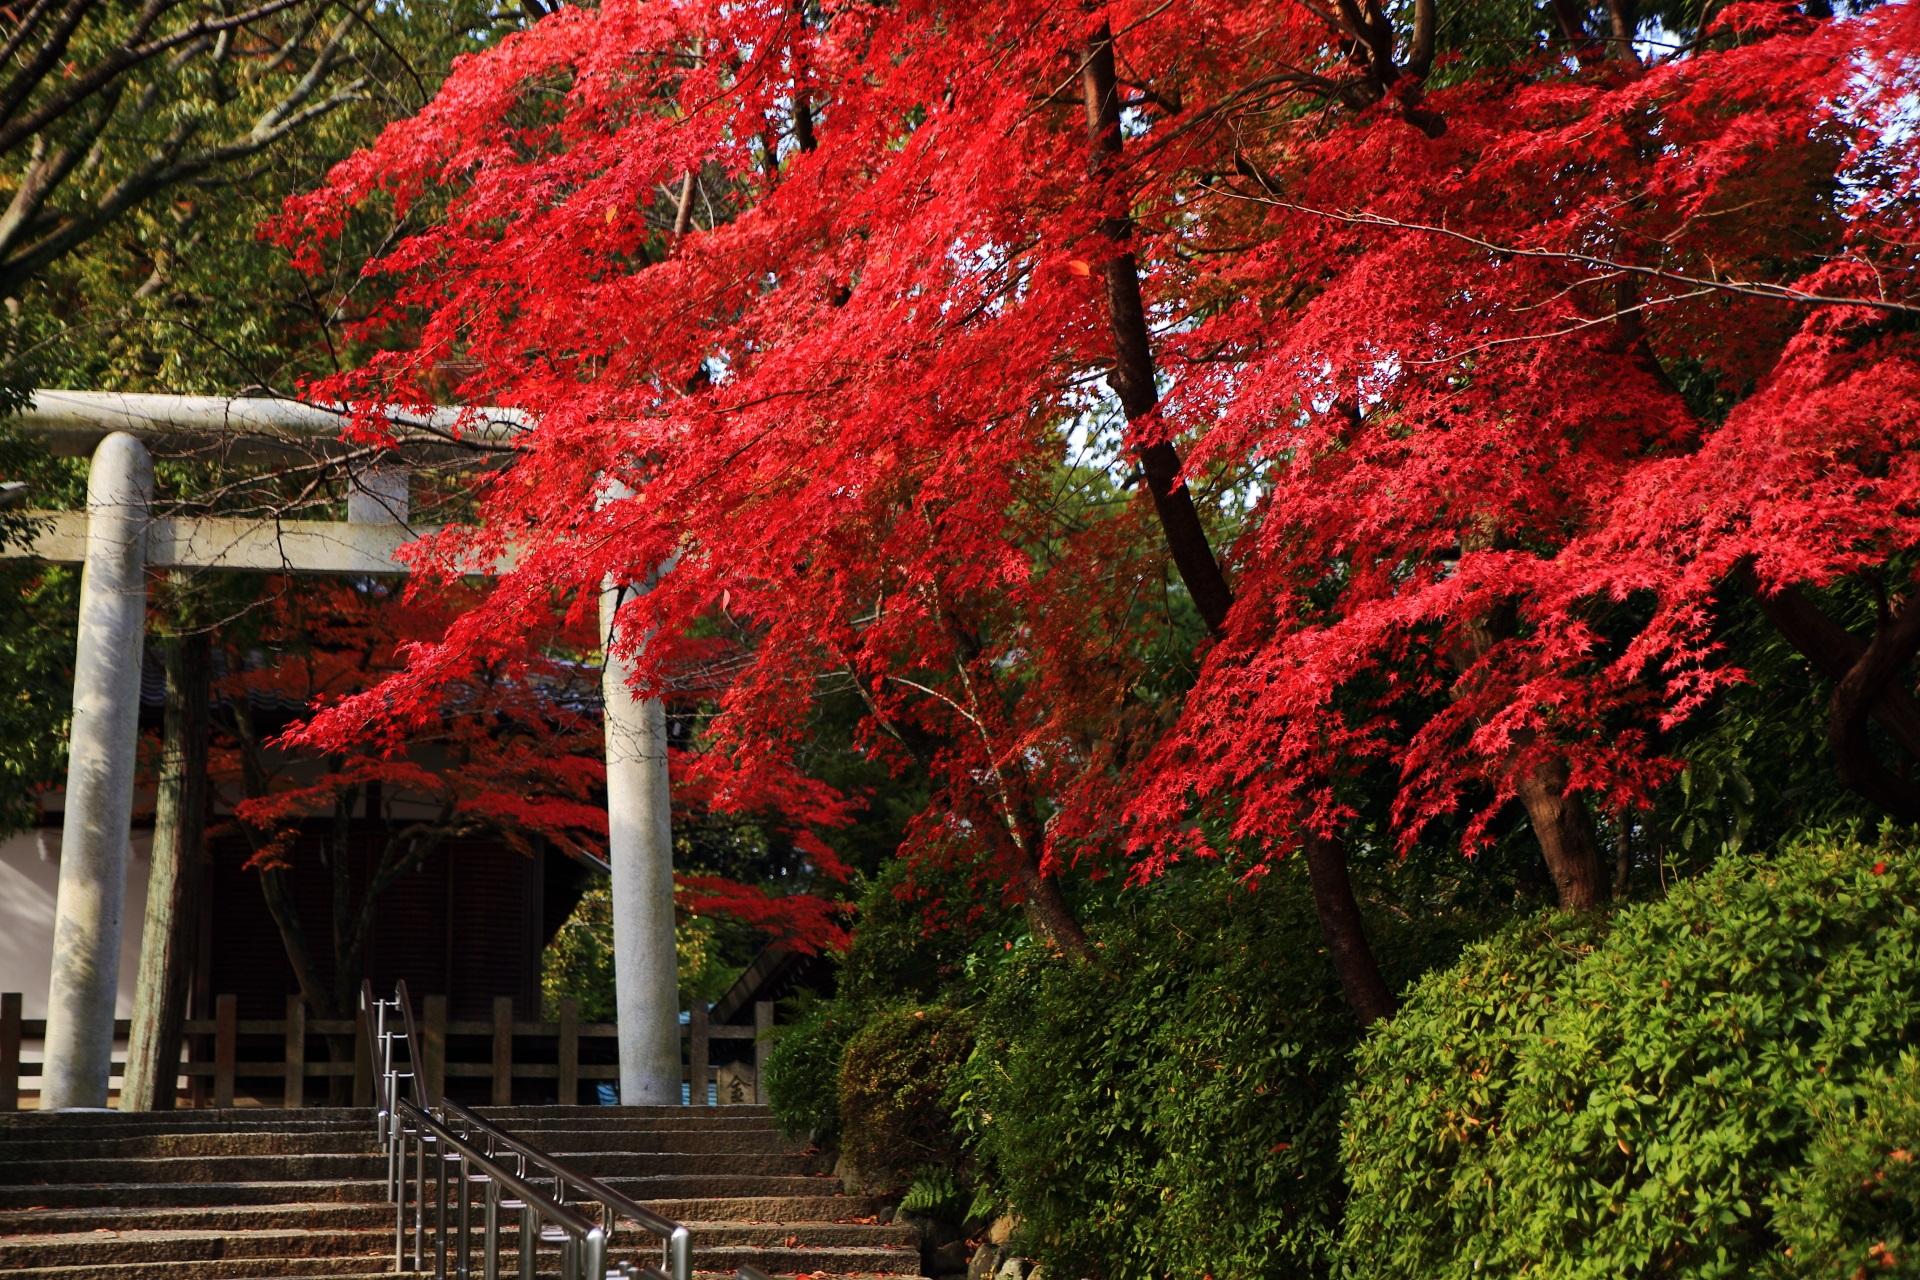 宗忠神社 紅葉 石段と拝殿を彩る鮮やかなもみじ